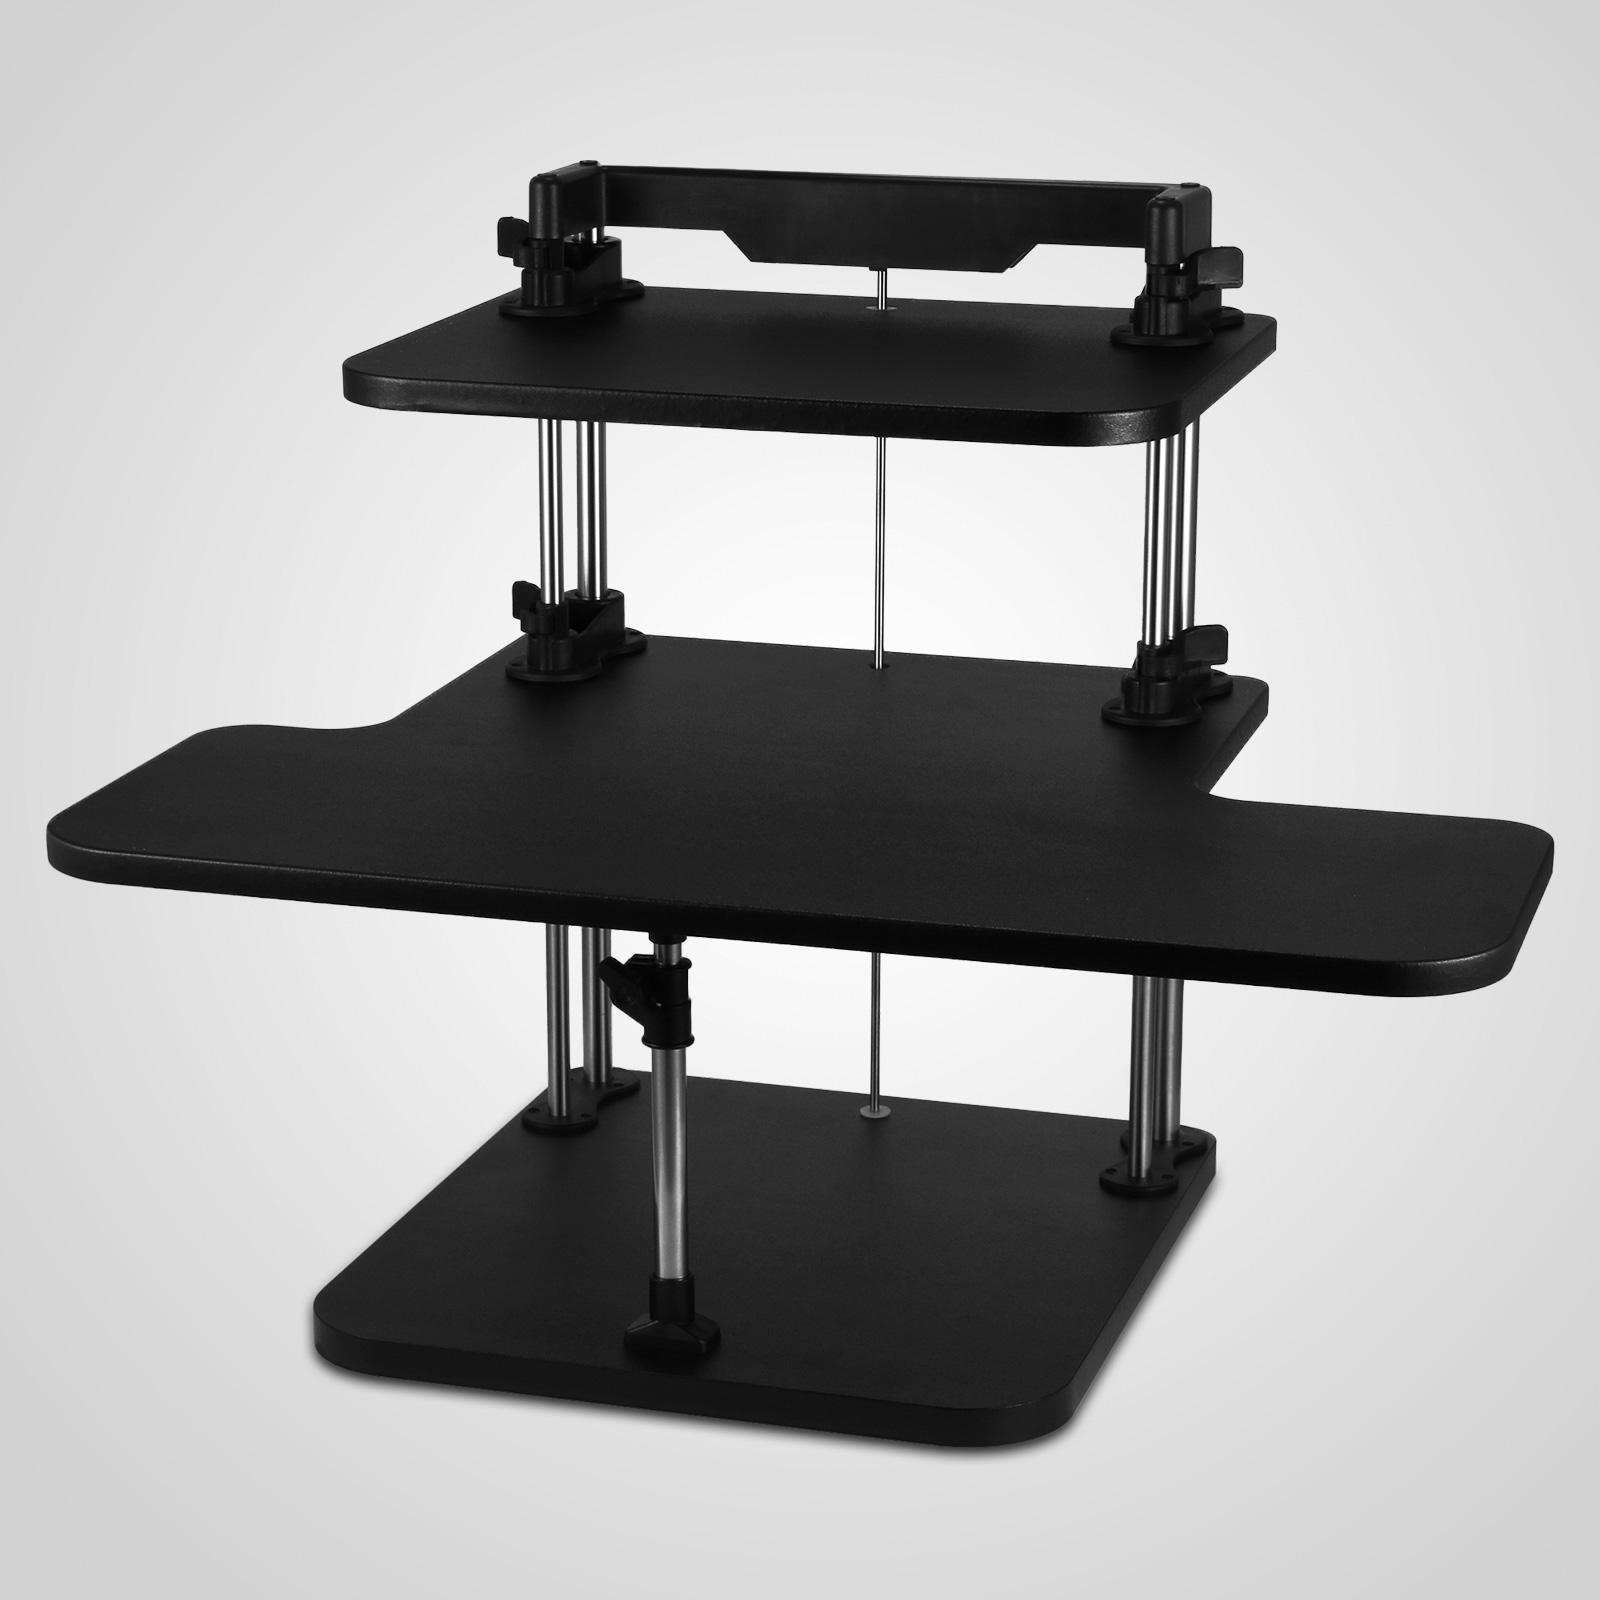 Lightweight Desk: 3 Tier Adjustable Computer Standing Desk Double Poles